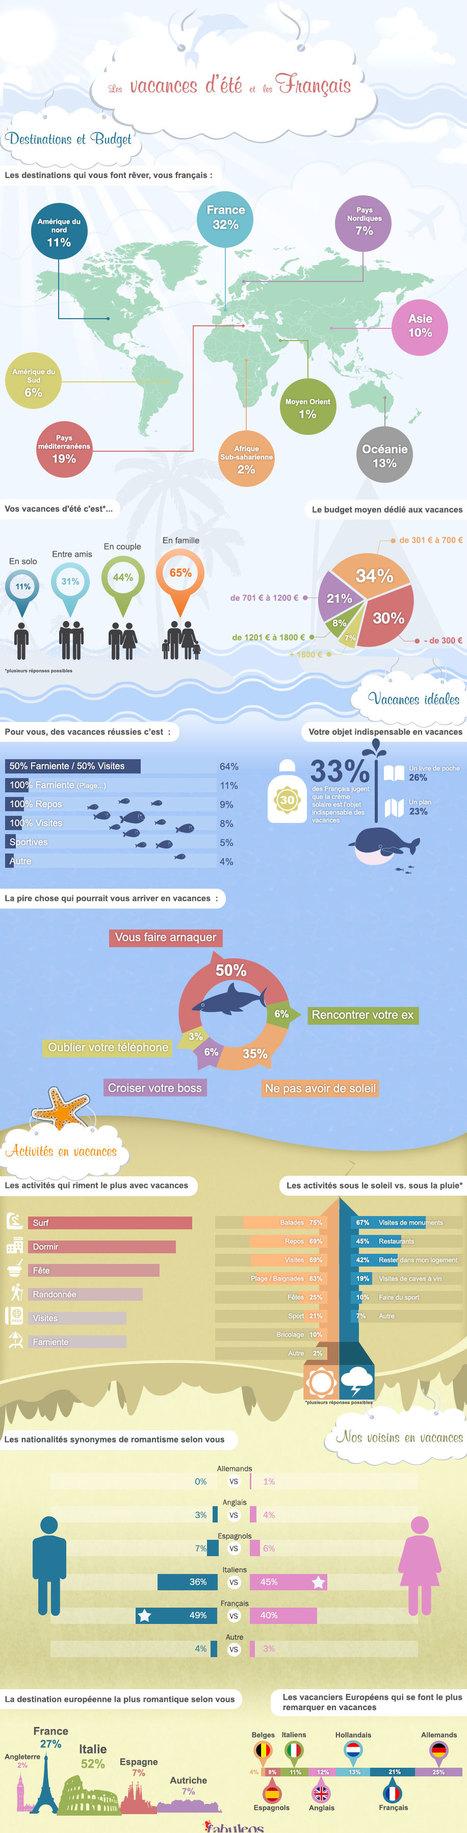 [Infographie]: Budget vacances : 1/3 des français prévoit moins de 300€   INNOVATION & FASHION RE&E.TAIL   Scoop.it